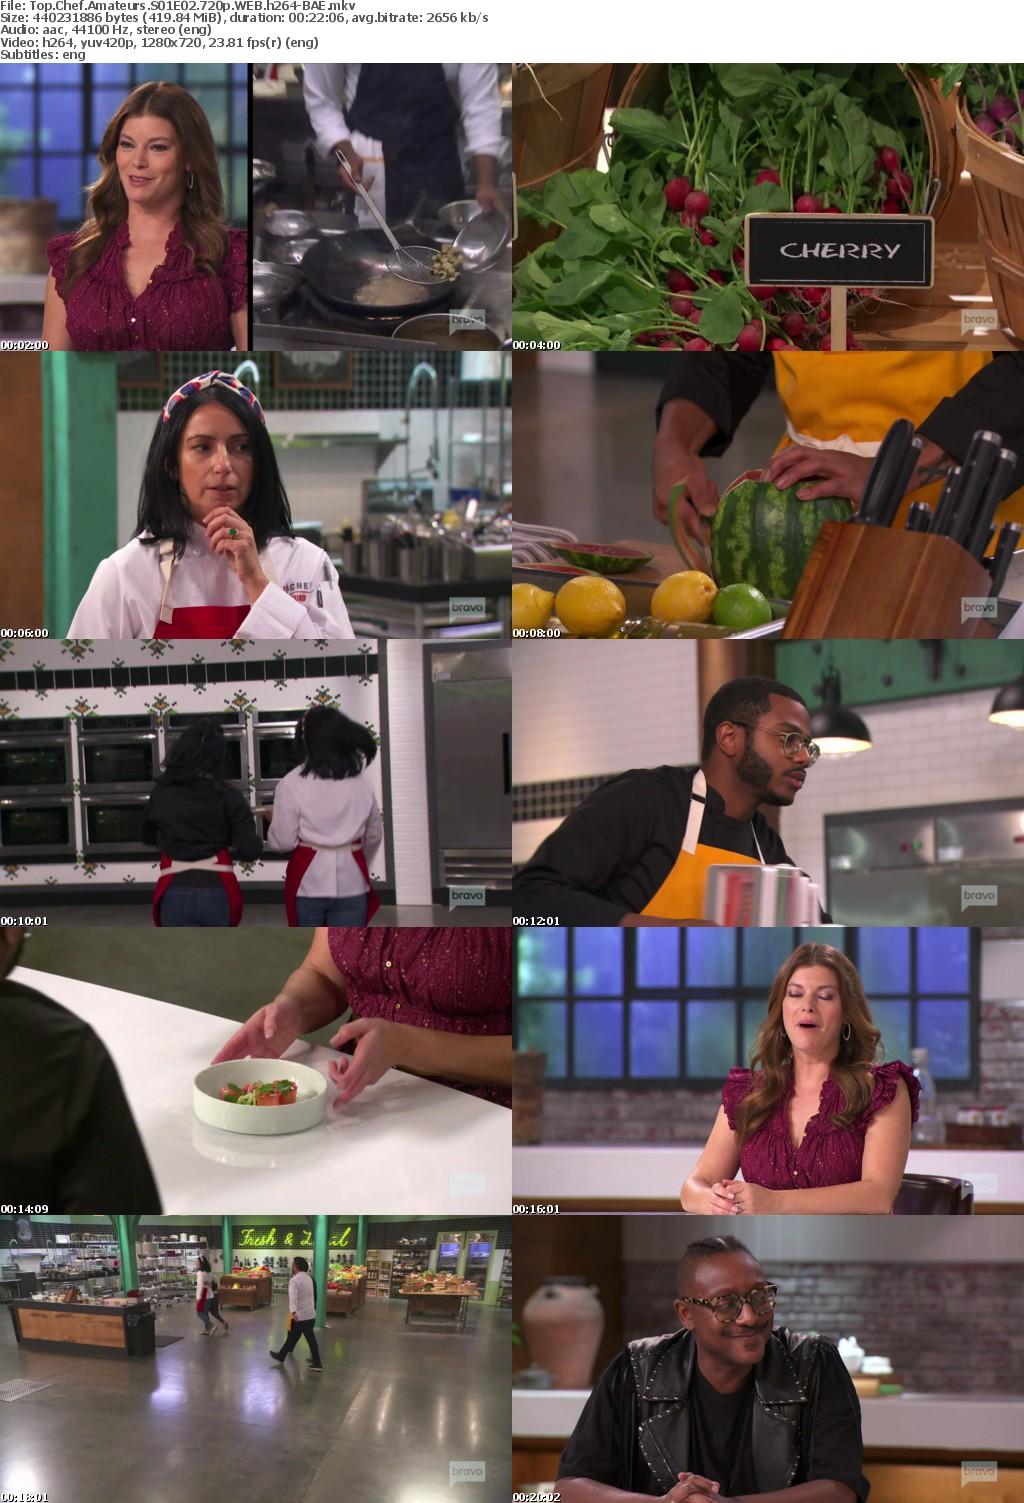 Top Chef Amateurs S01E02 720p WEB h264-BAE